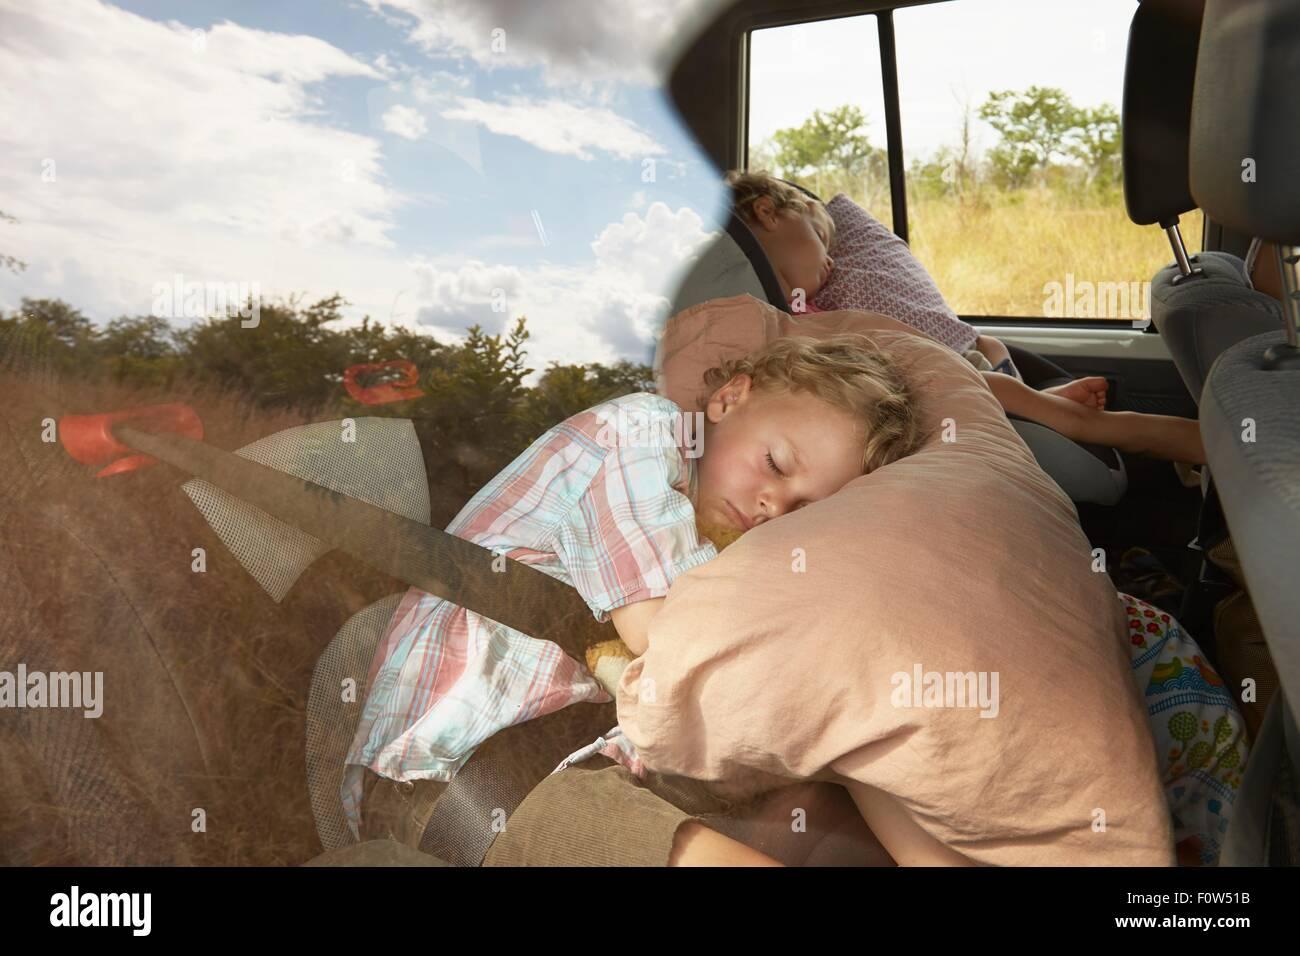 Dos niños dormidos en la parte trasera del vehículo fuera de carretera Imagen De Stock